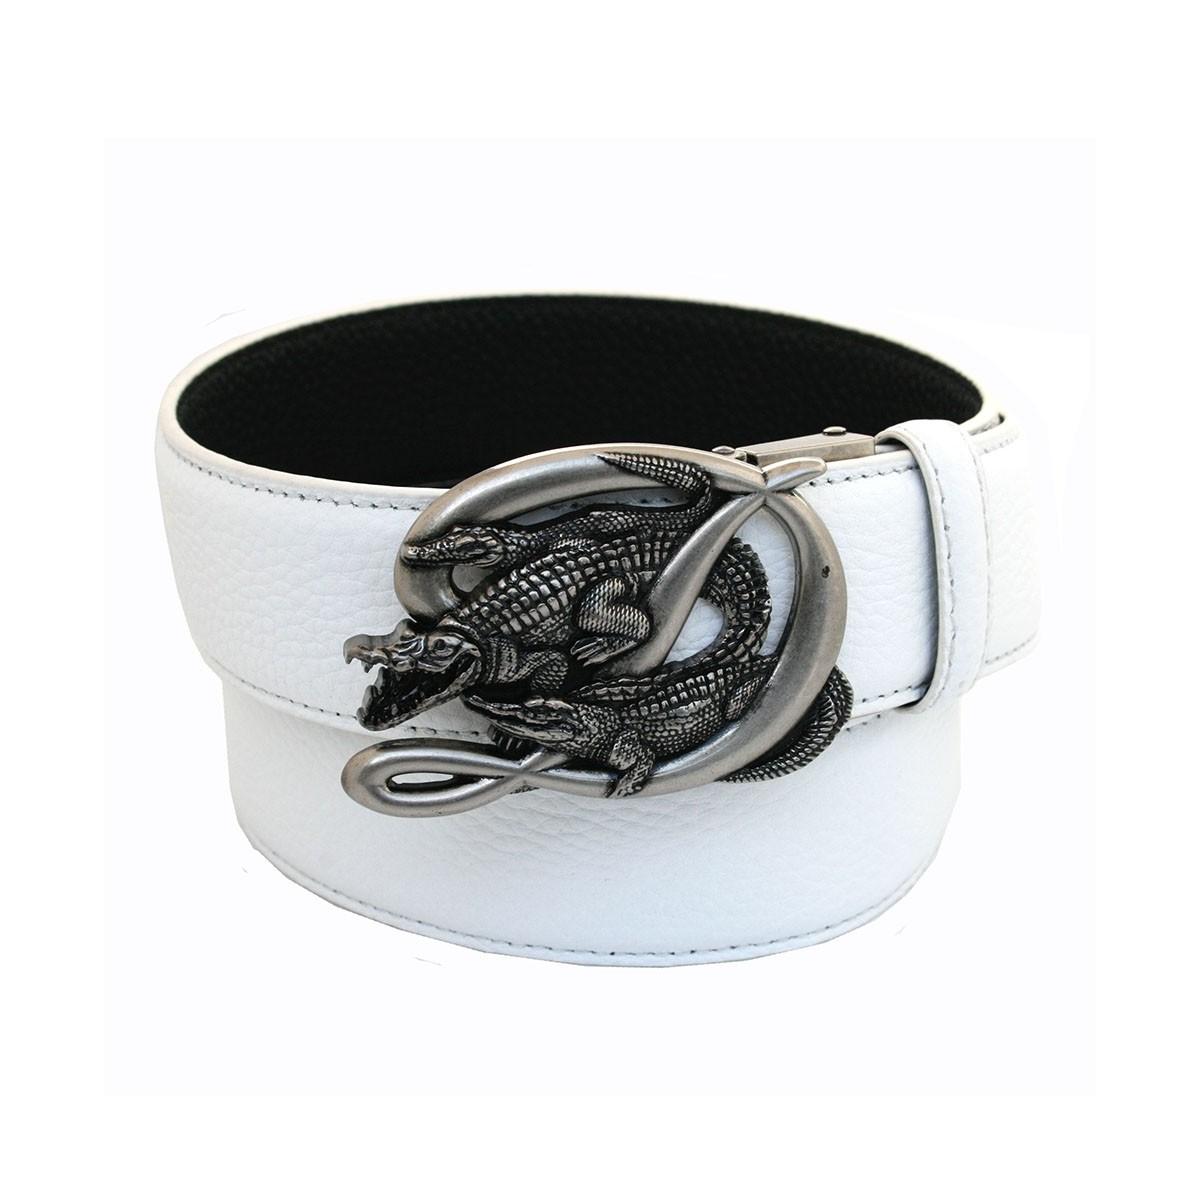 Ceinture noire en cuir homme lanière et boucle scorpion